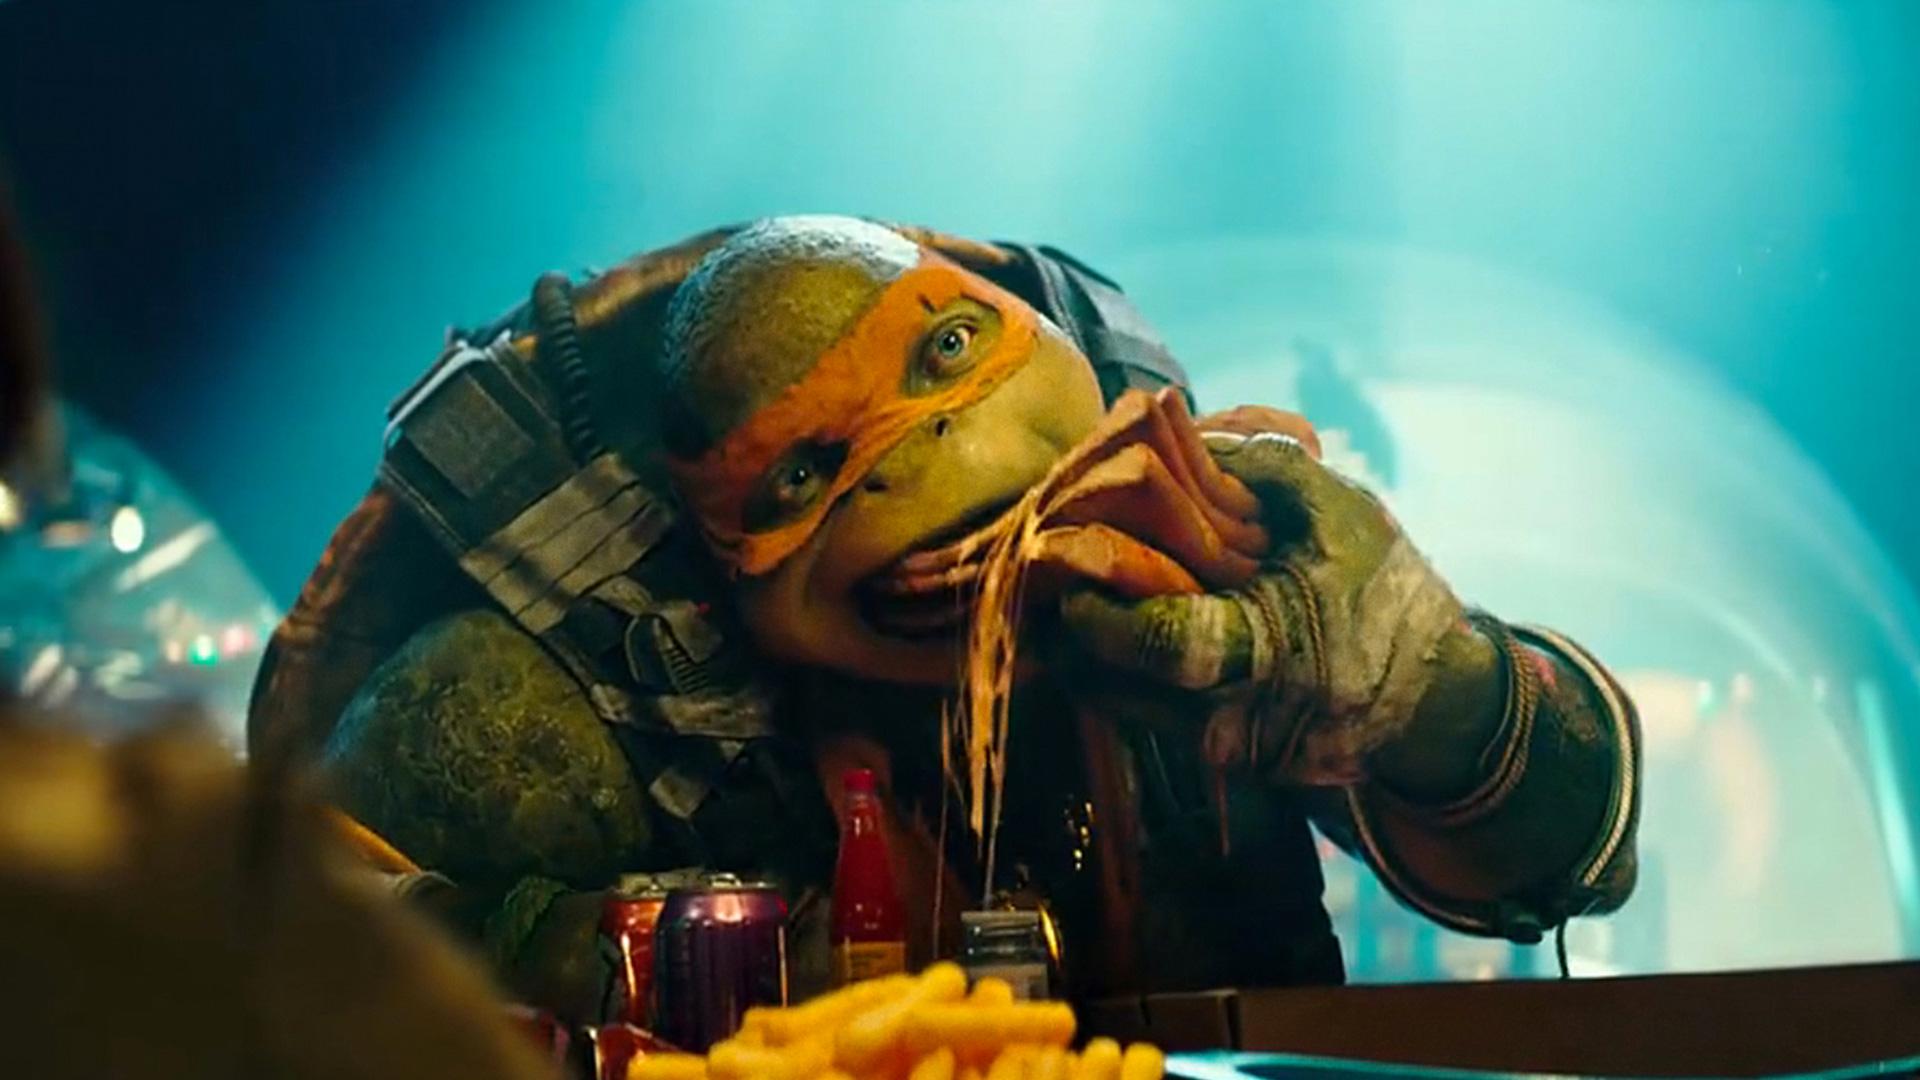 Ninja turtles michelangelo movie